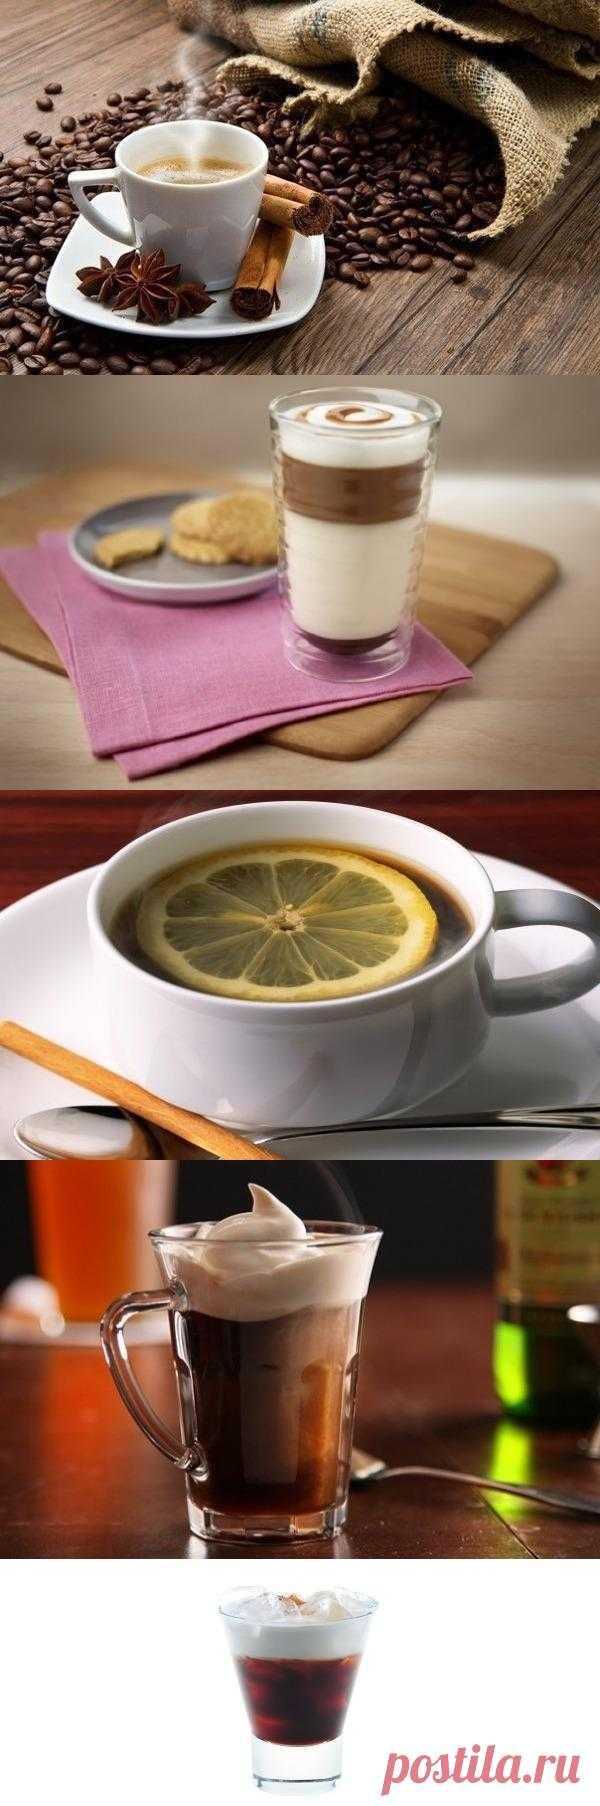 De 5 cocteles calientes de café — no alcohólico y no sólo